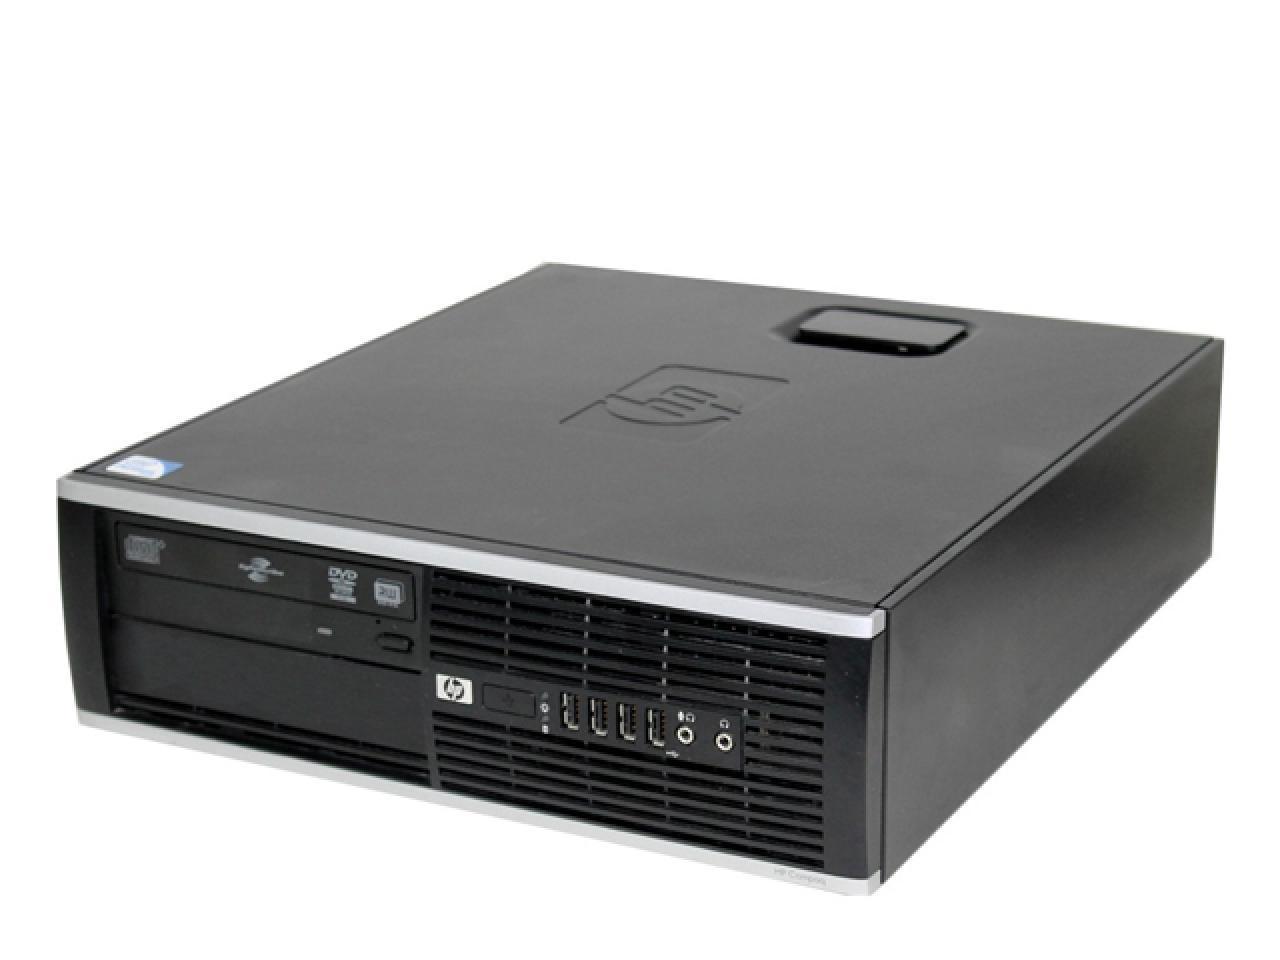 Hewlett Packard Elite 8200 SFF  - shop.bb-net.de